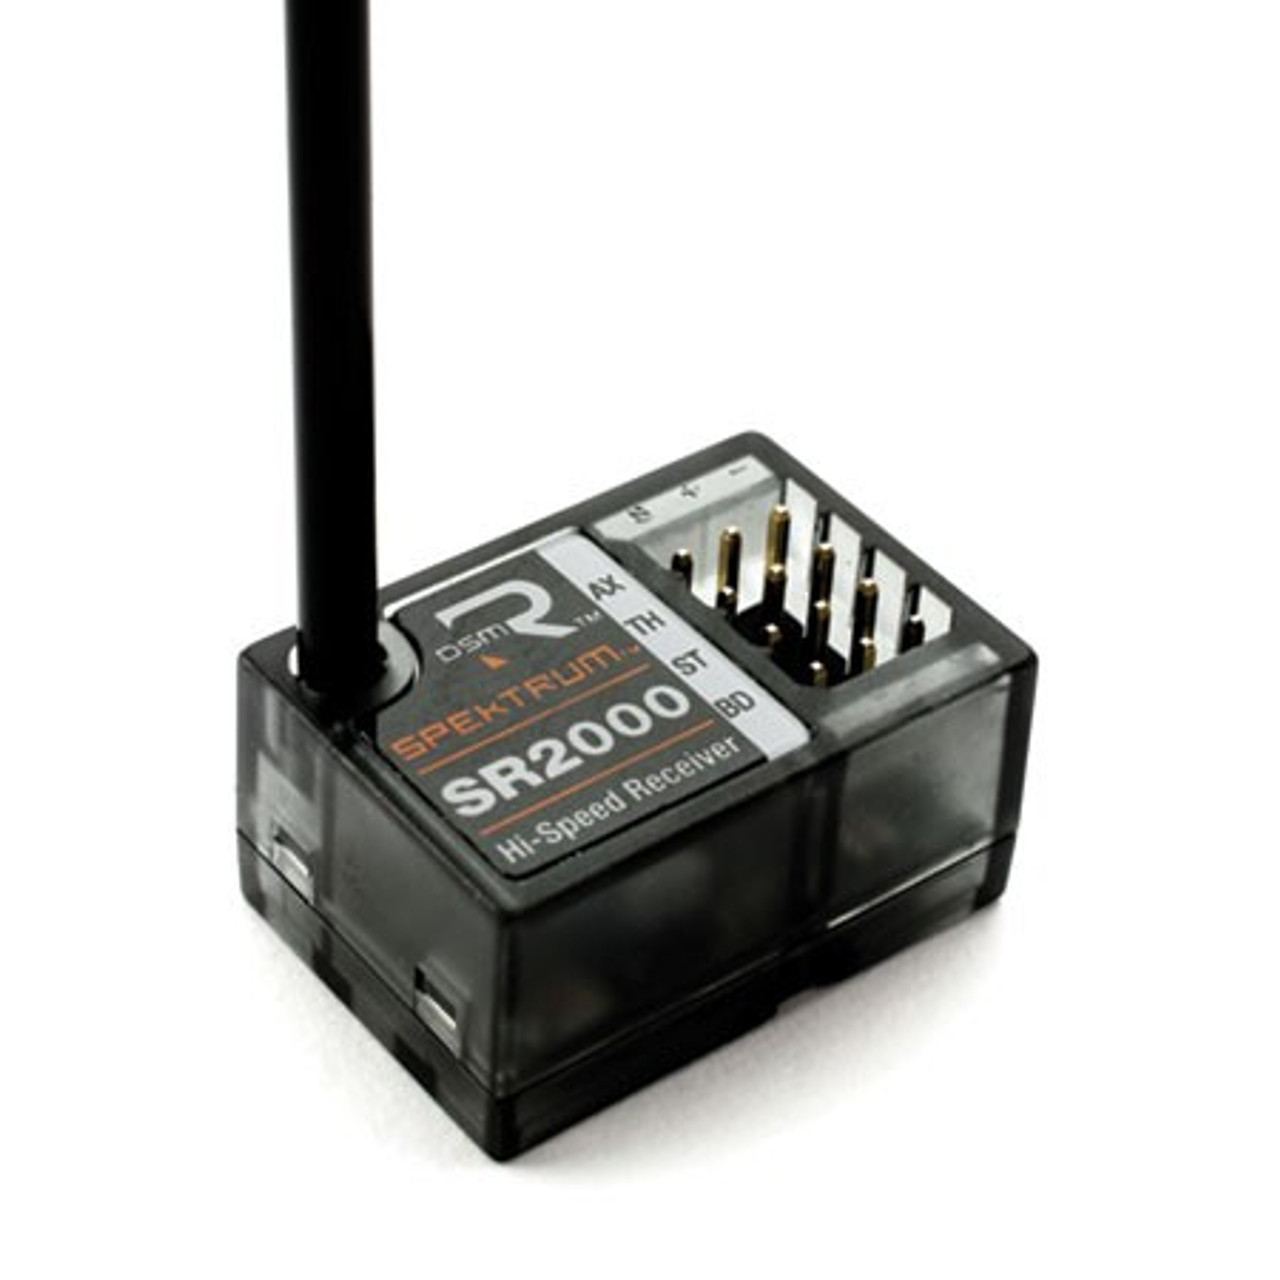 Spektrum SR2000 DSMR Receiver